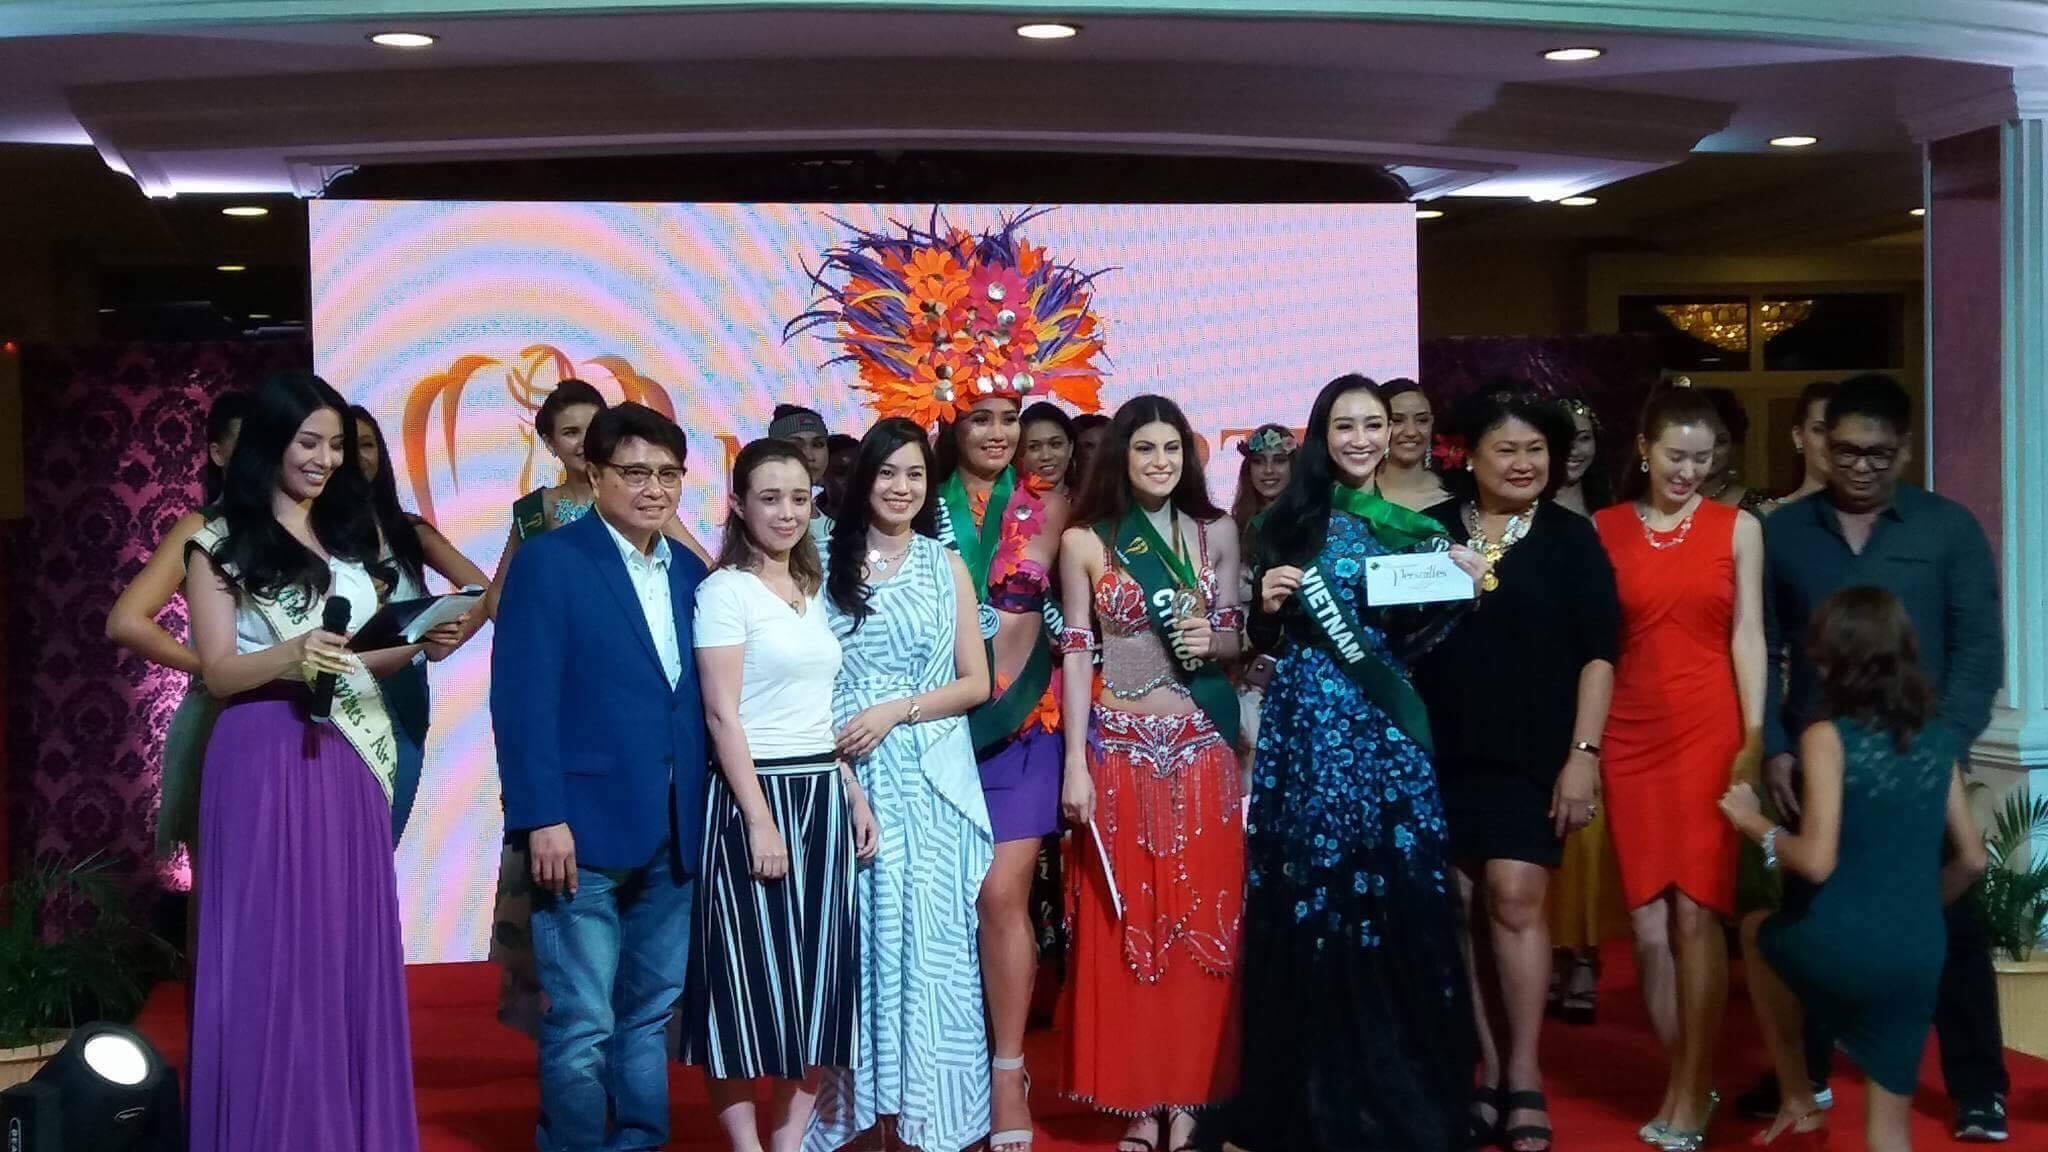 Hà Thu tiếp tục ghi điểm với giải đồng phần thi tài năng tại Hoa hậu Trái đất 2017 - Ảnh 2.